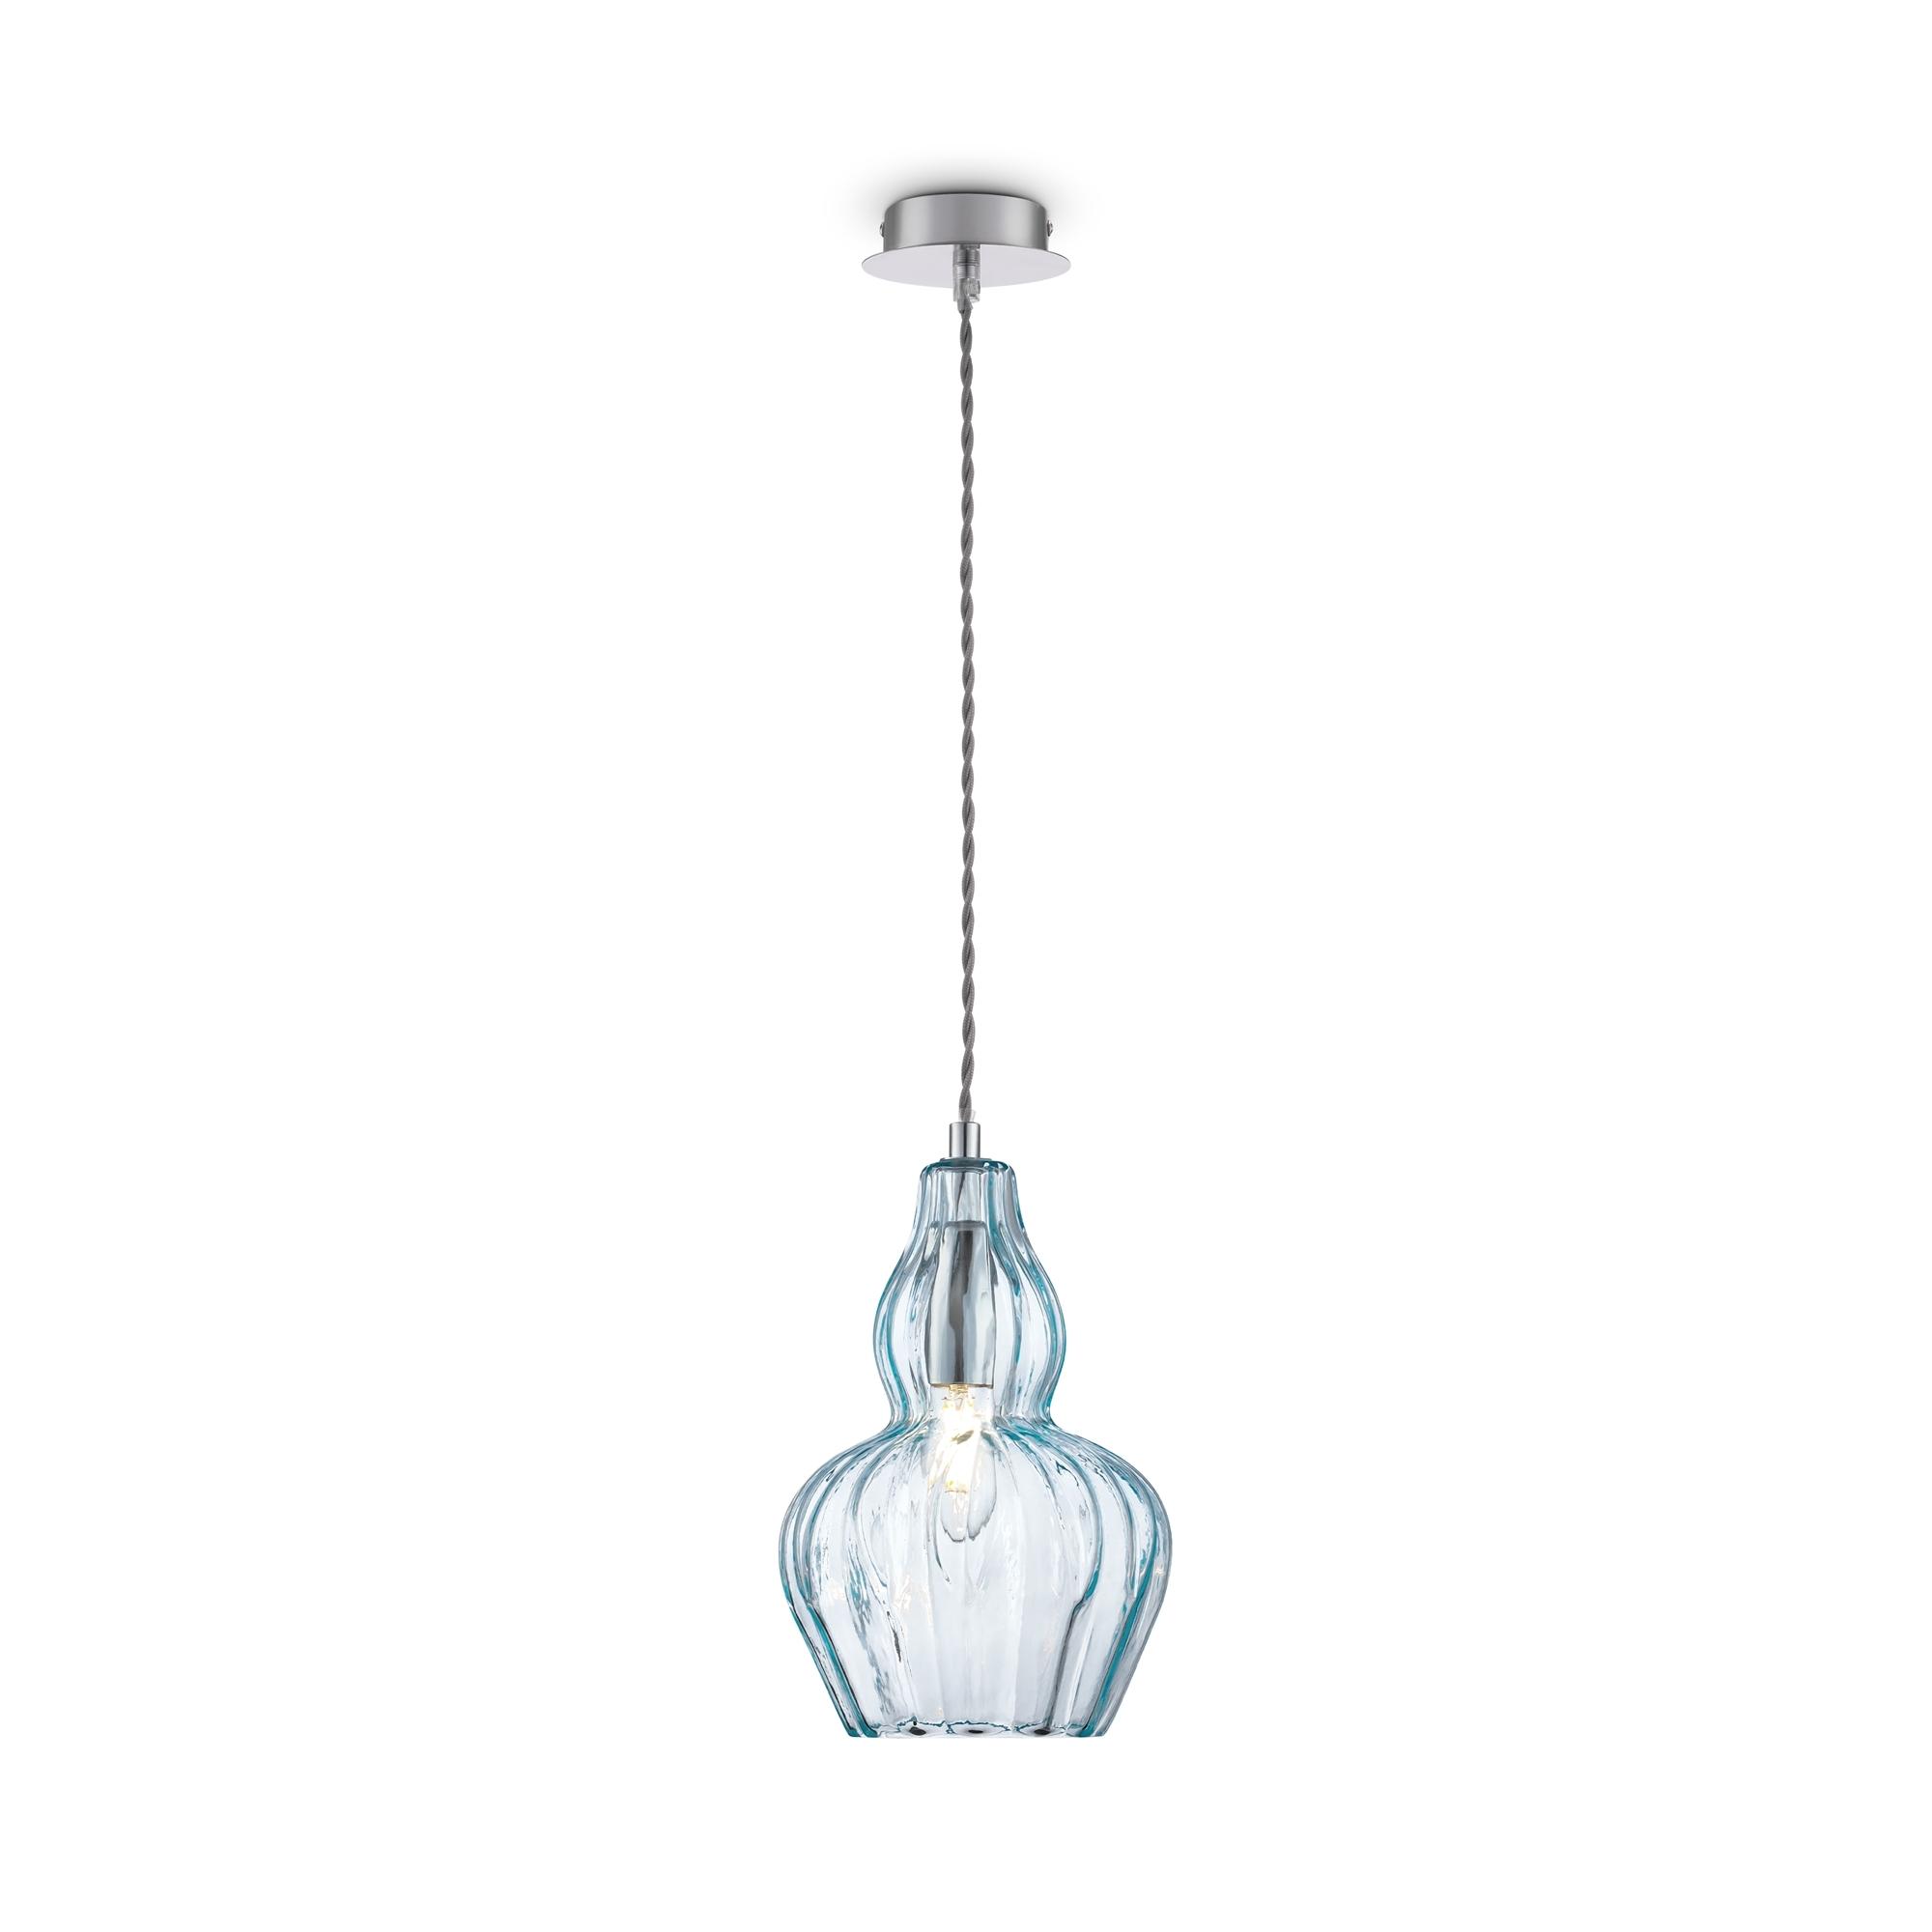 Подвесной светильник Maytoni Eustoma MOD238-PL-01-BL, 1xE14x40W, никель, голубой, металл, стекло - фото 2